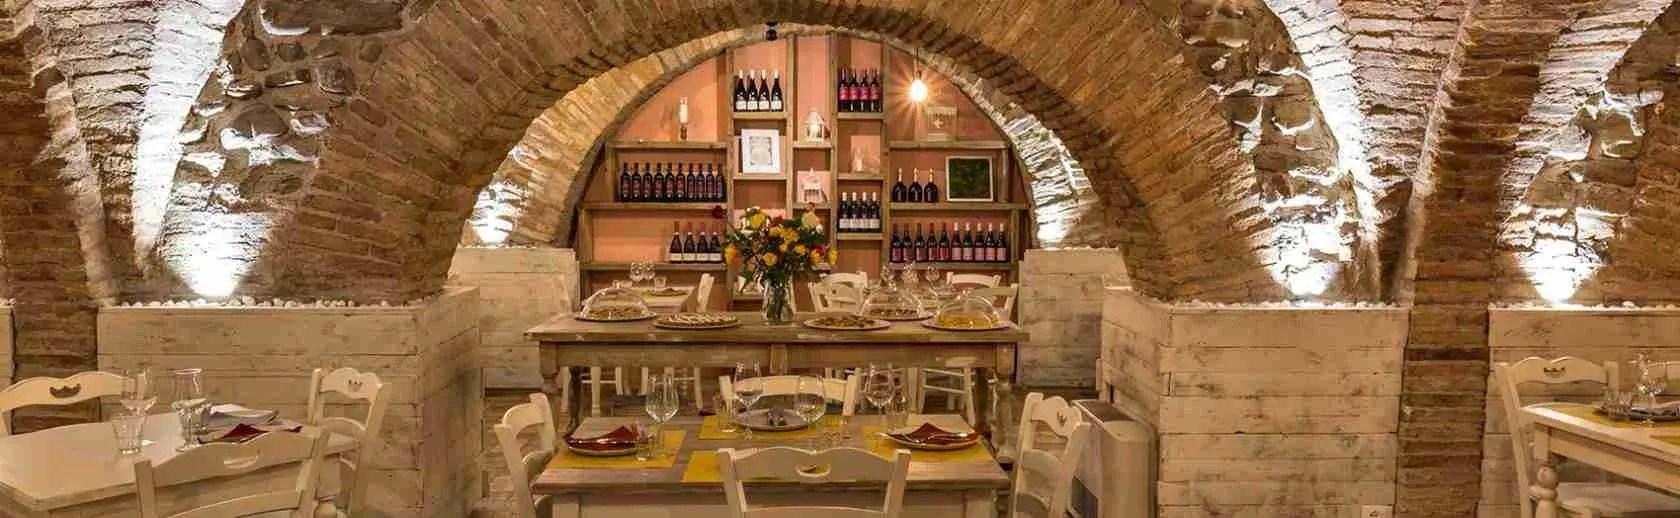 Le escort Pesaro e Urbino amano cenare in una vecchia osteria tra i borghi medioevali.